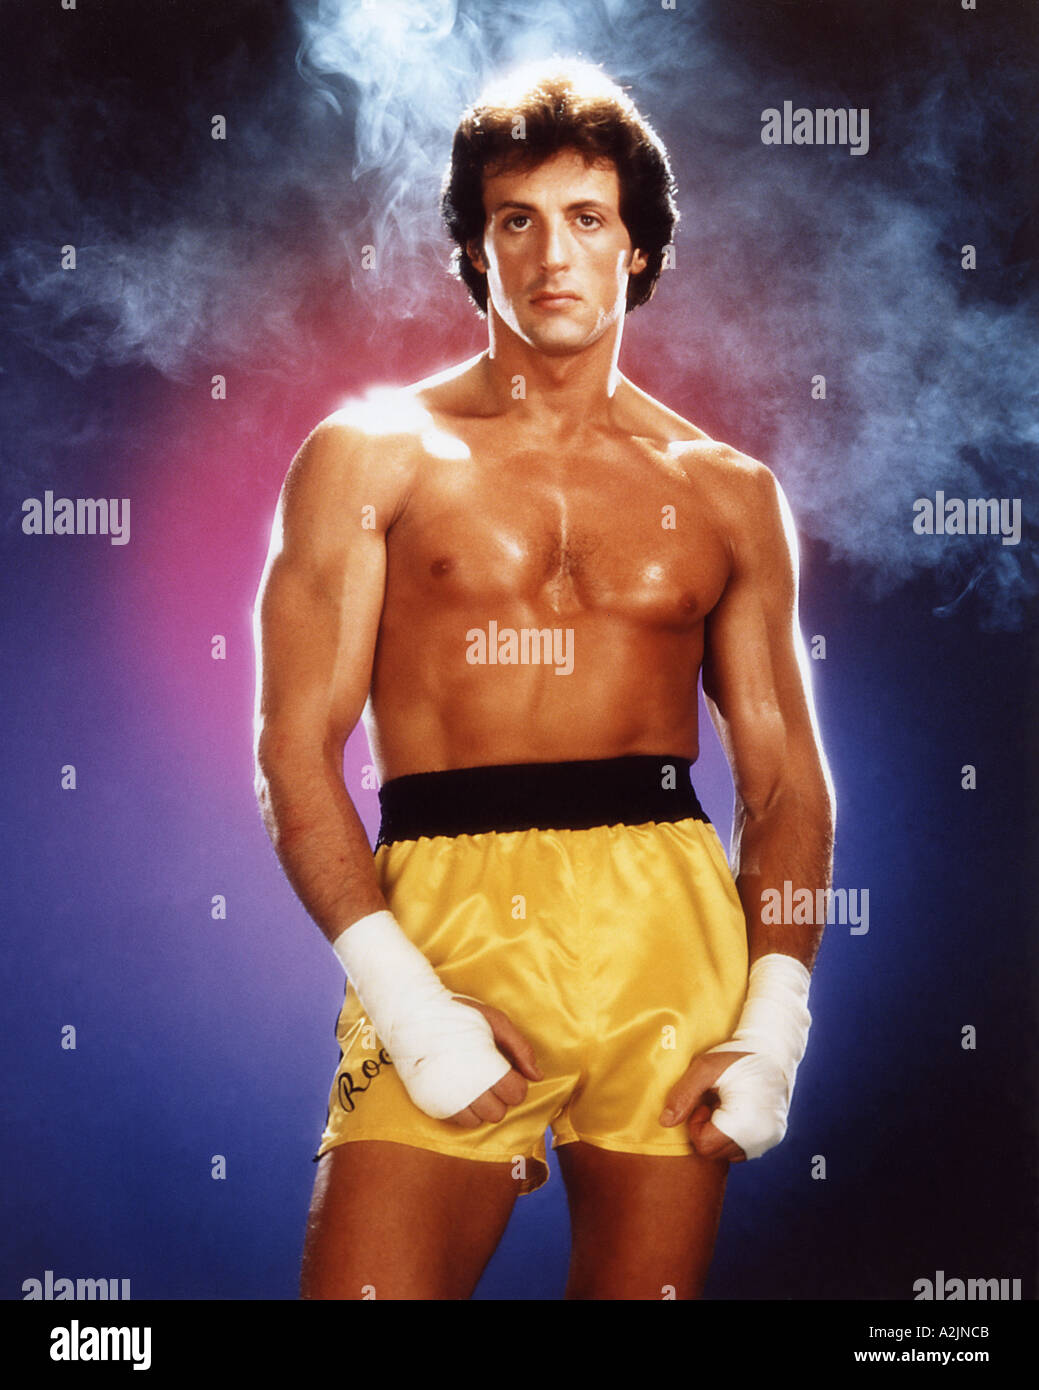 Il ROCKY III 1982 film con protagonista Sylvester Stallone come Rocky Balboa Immagini Stock